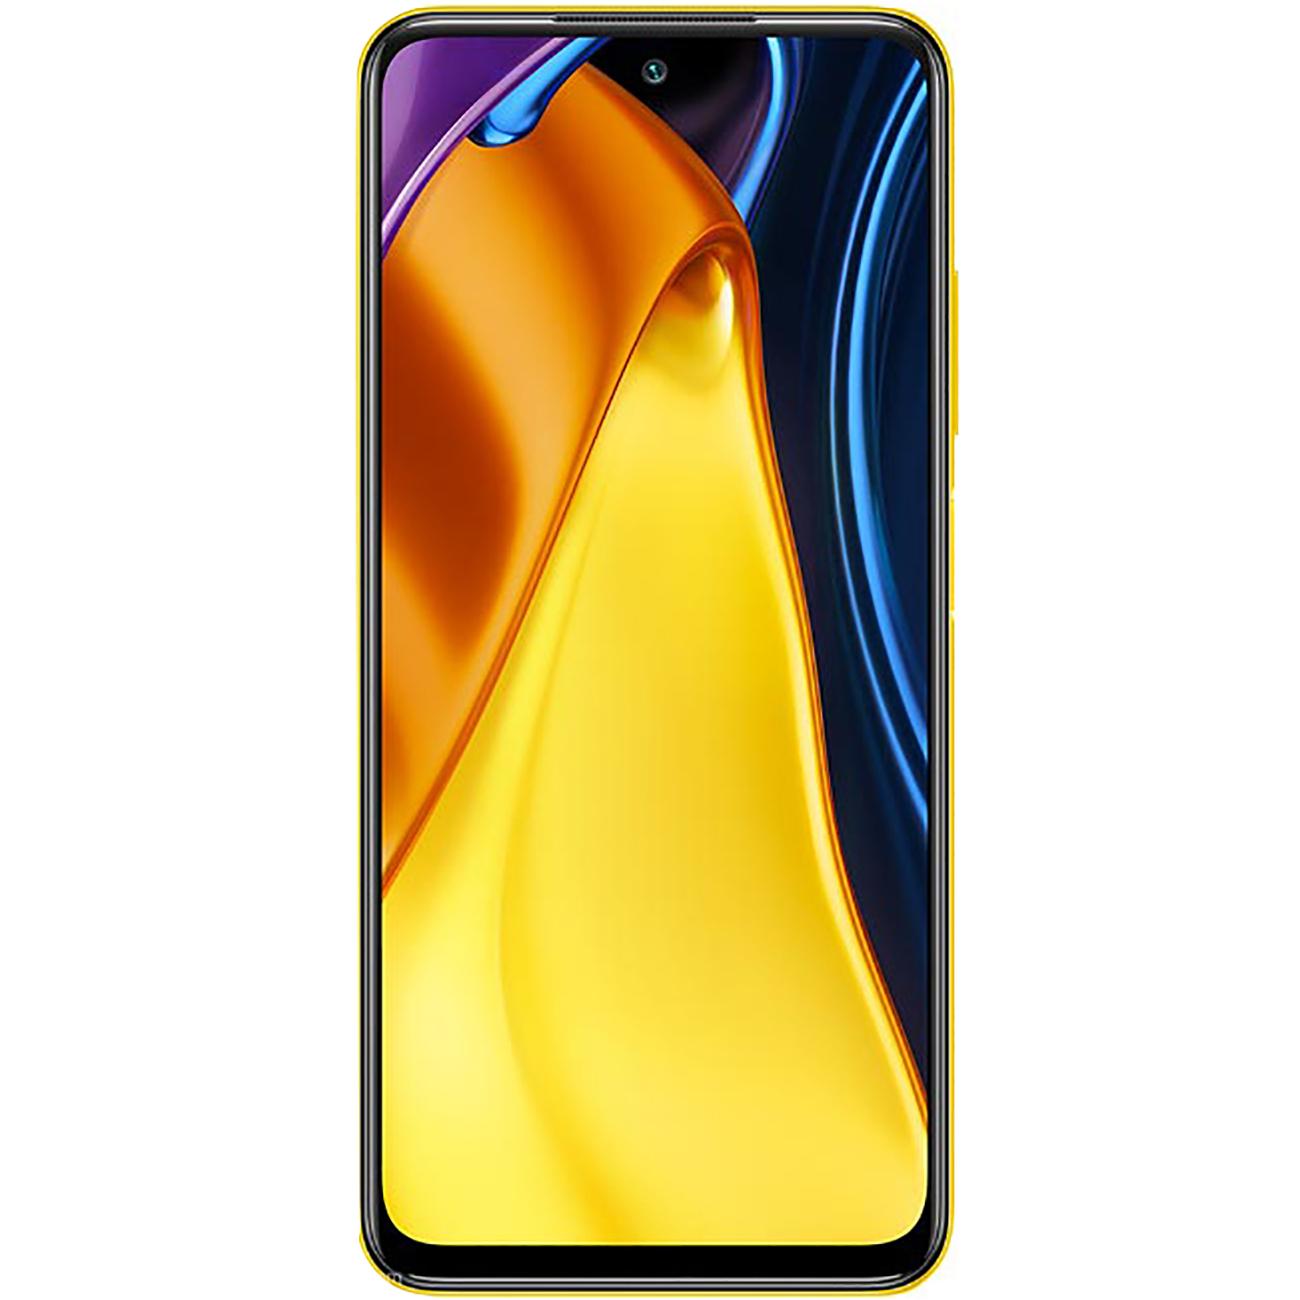 فوش نقدی و اقساطی گوشی موبایل شیائومی مدل POCO M3 PRO 5G M2103K19PG دو سیم کارت ظرفیت 64 گیگابایت و 4 گیگابایت رم